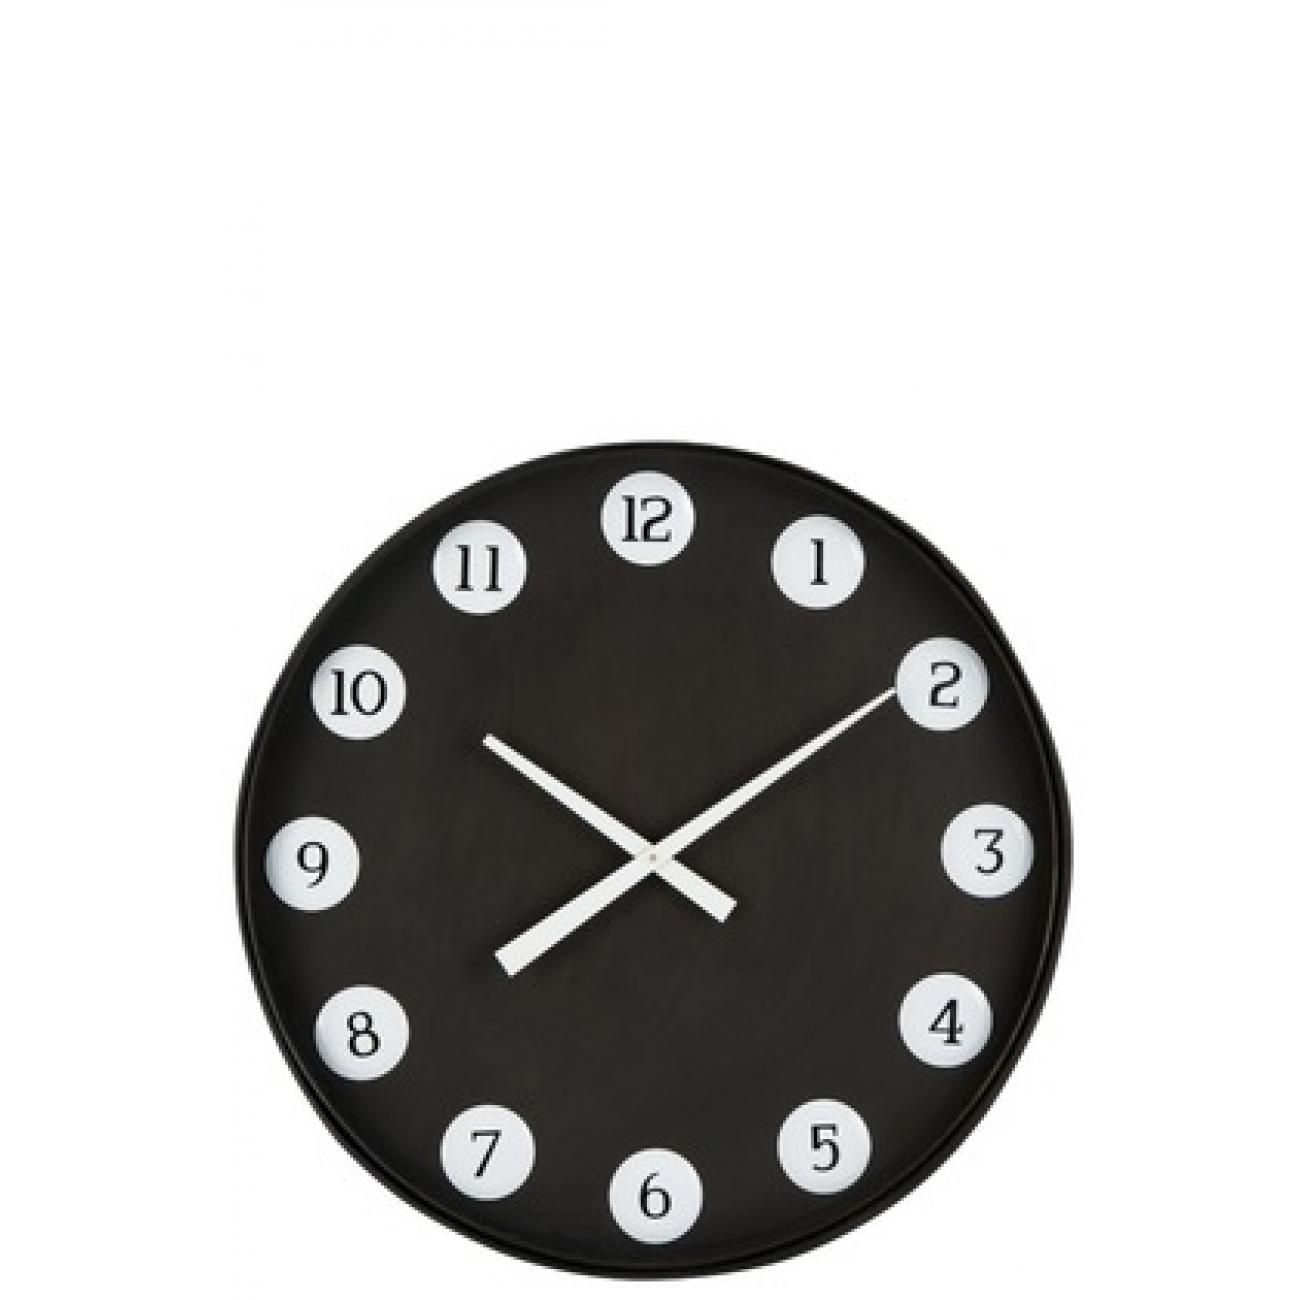 Настенные часы J-LINE круглые в металлическом корпусе черные диаметр 71 см